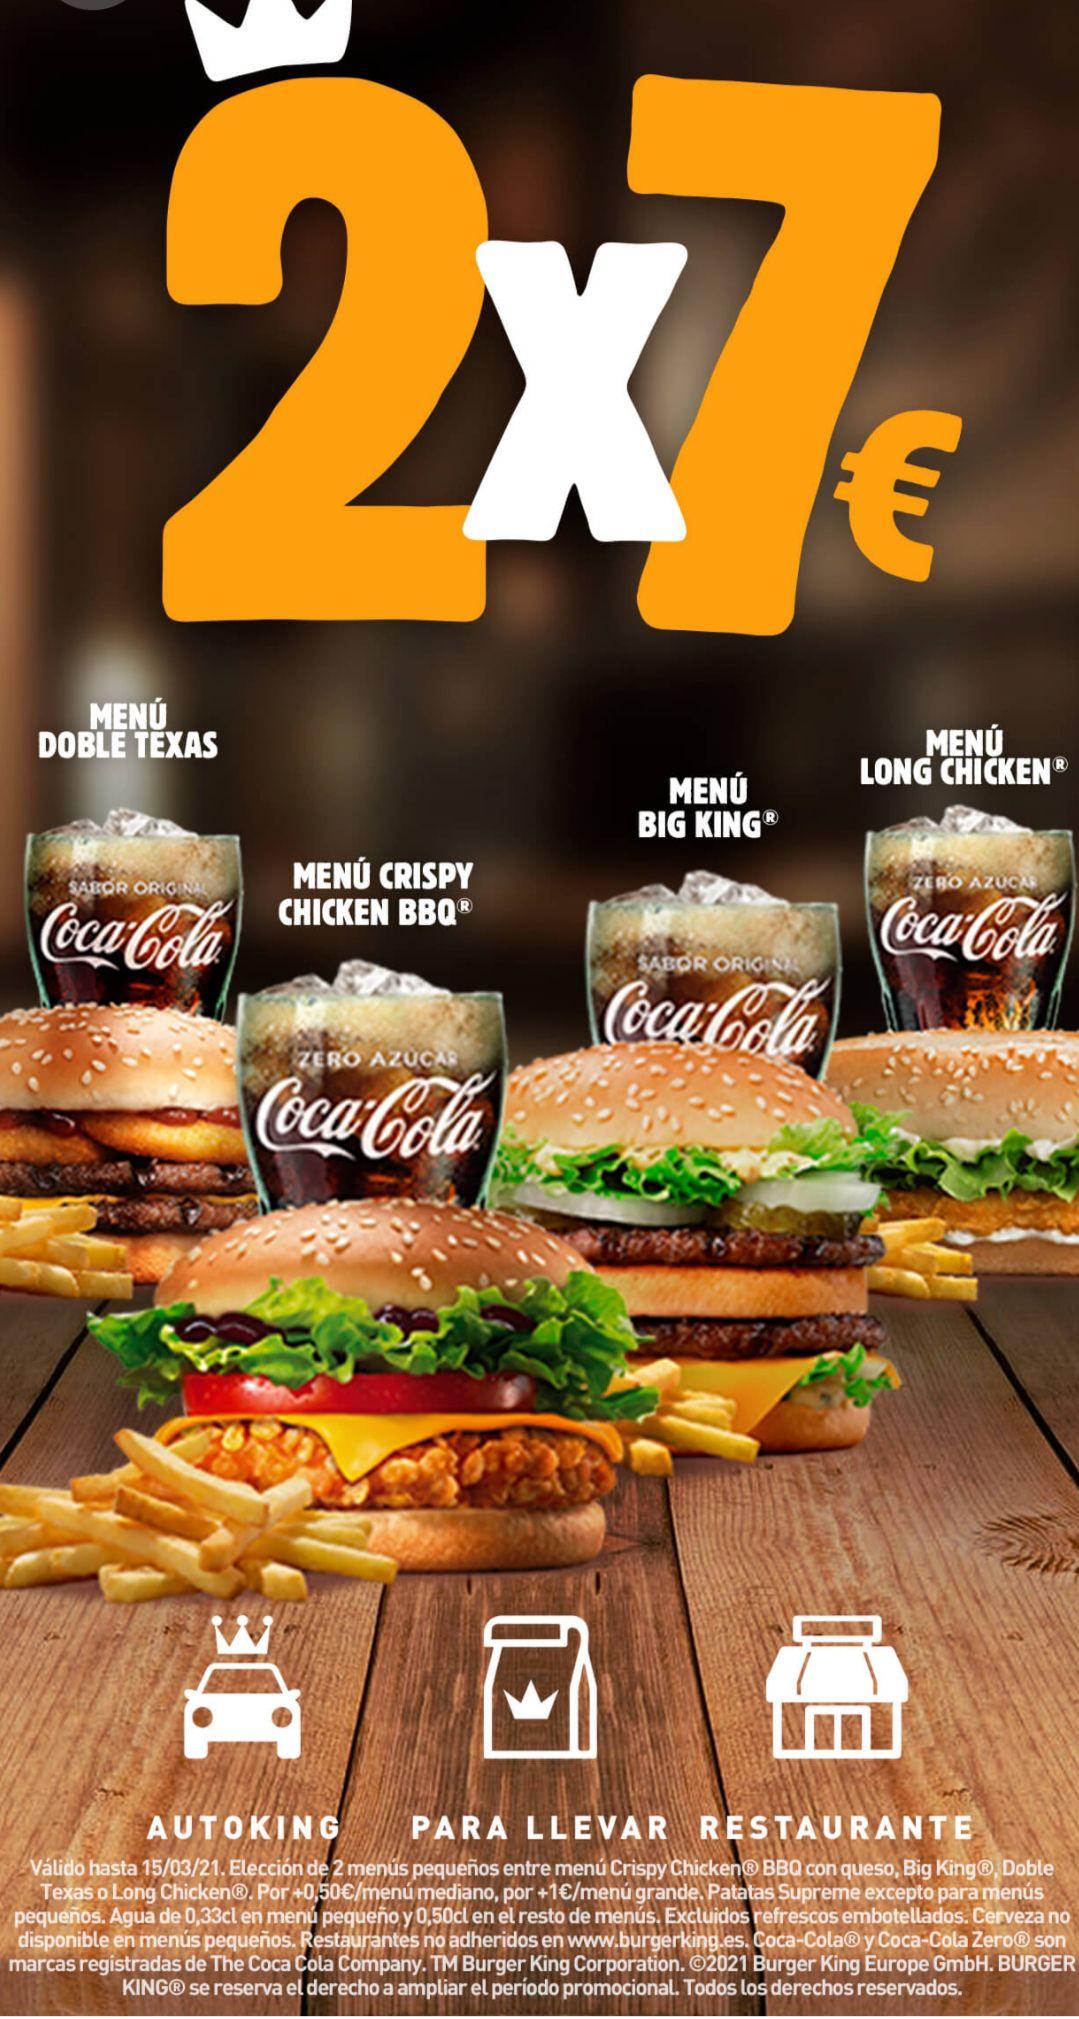 Vuelve el 2x7€ de Burger King